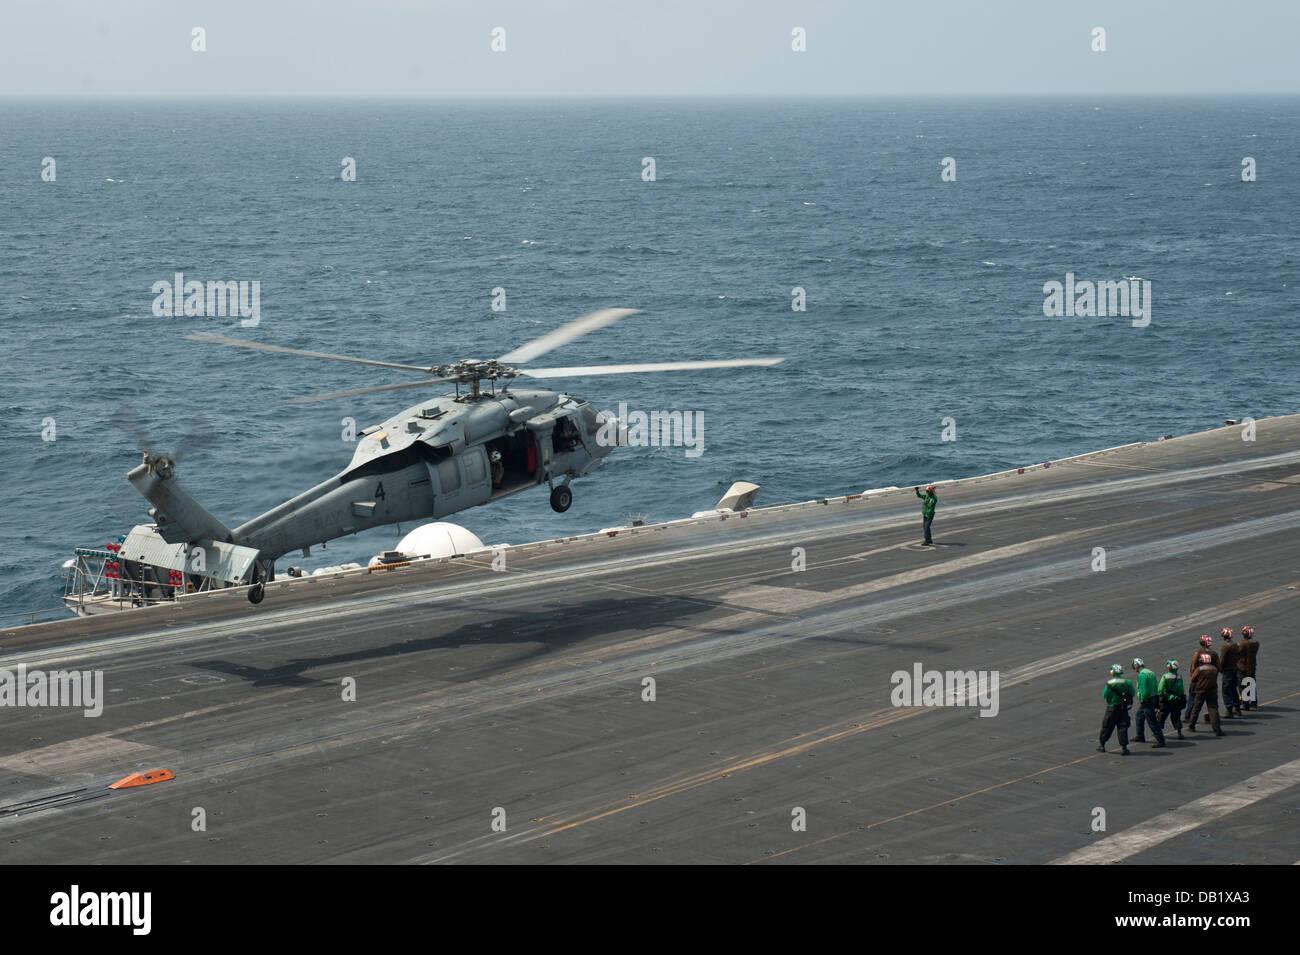 Un MH-60S Sea Hawk helicóptero asignado a los indios del escuadrón de helicópteros de combate de Imagen De Stock